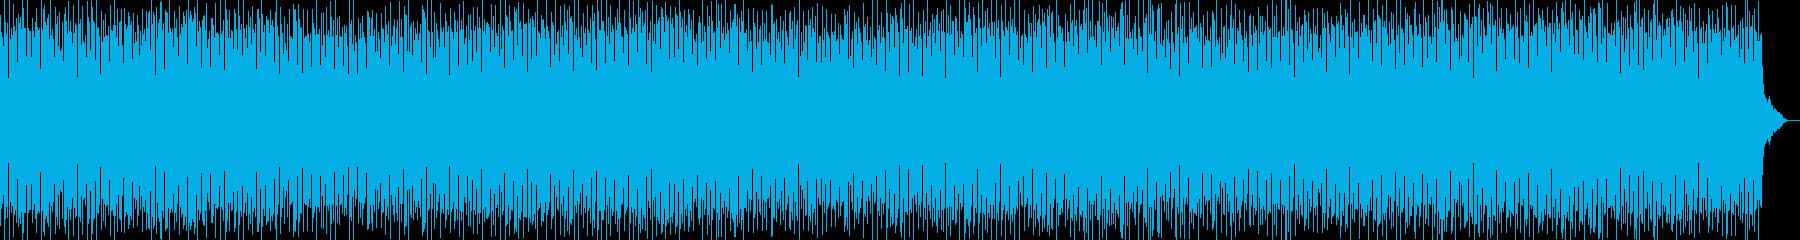 優しいリリカルな雰囲気のテクノポップの再生済みの波形